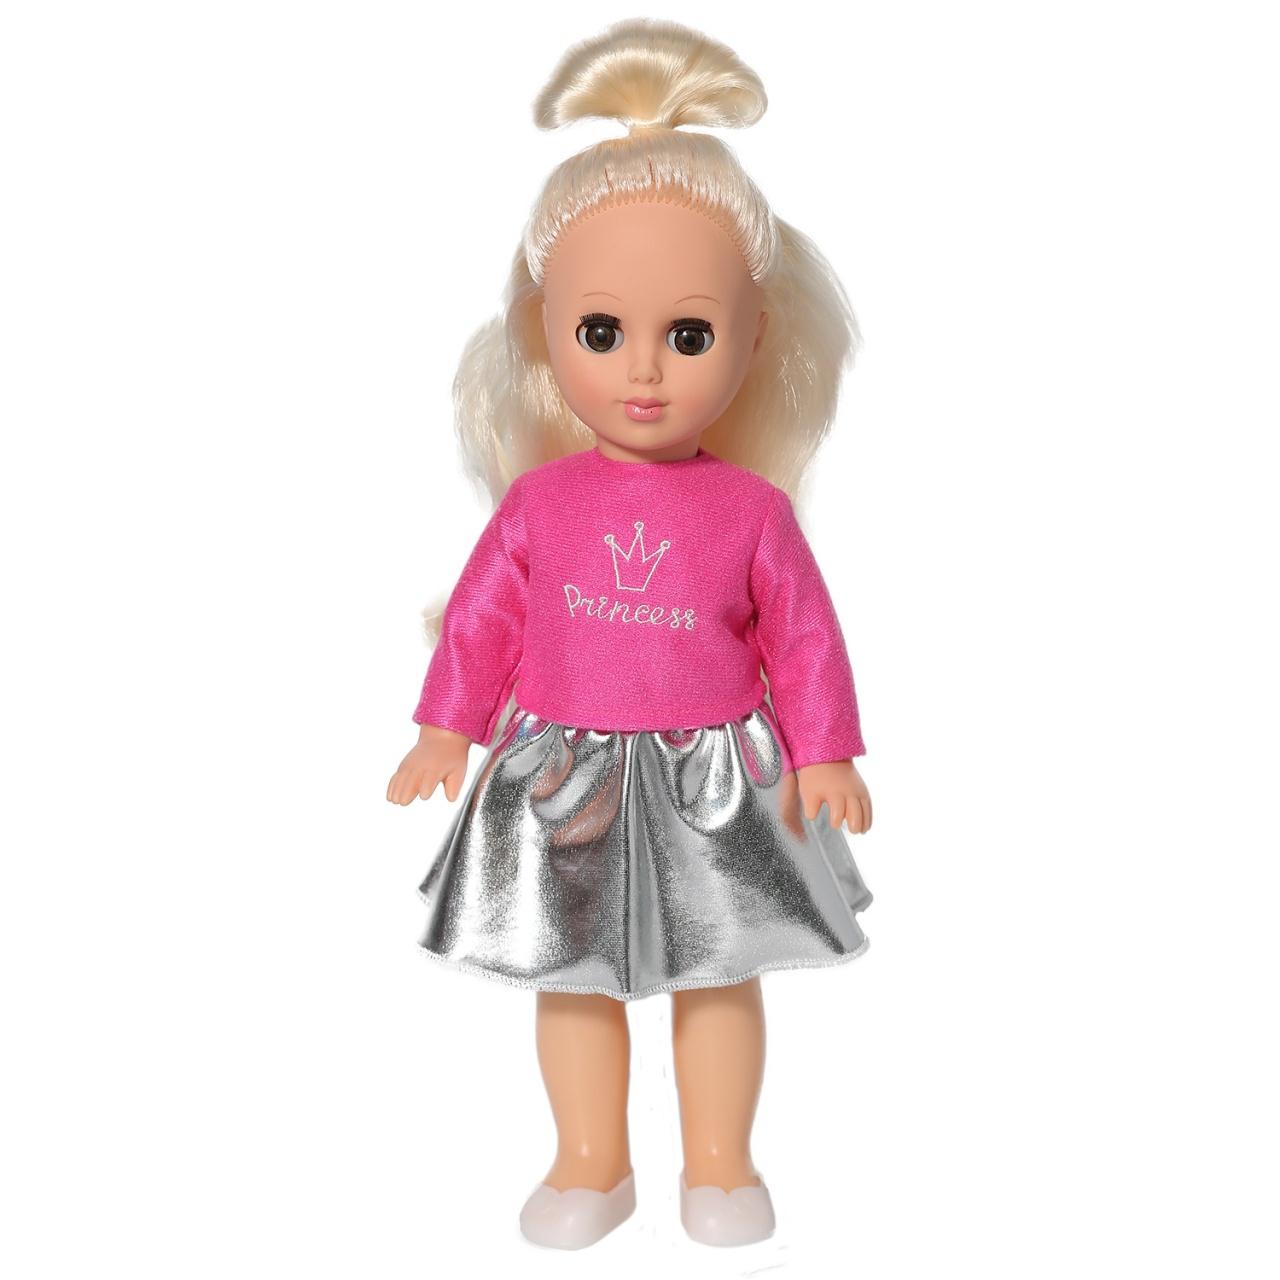 Кукла Алла Модница-1 35 см, Весна - фото 2